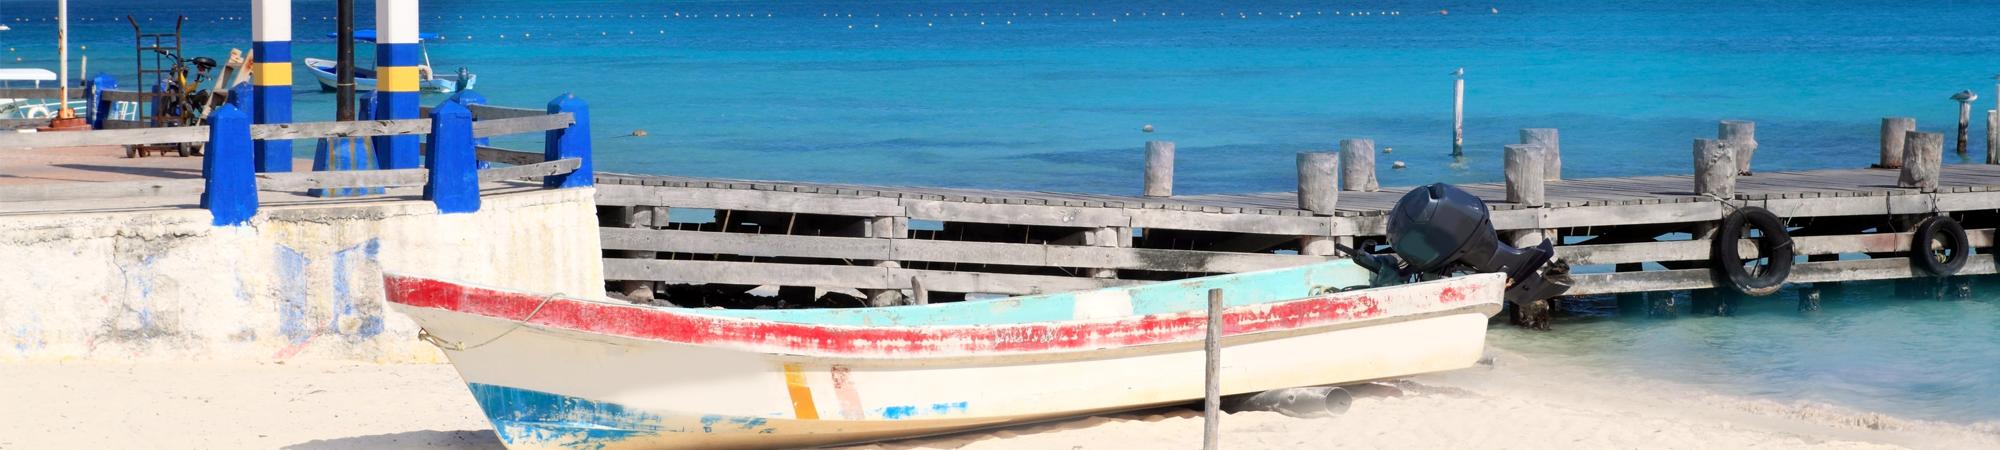 Puerto-Morelos-Playas